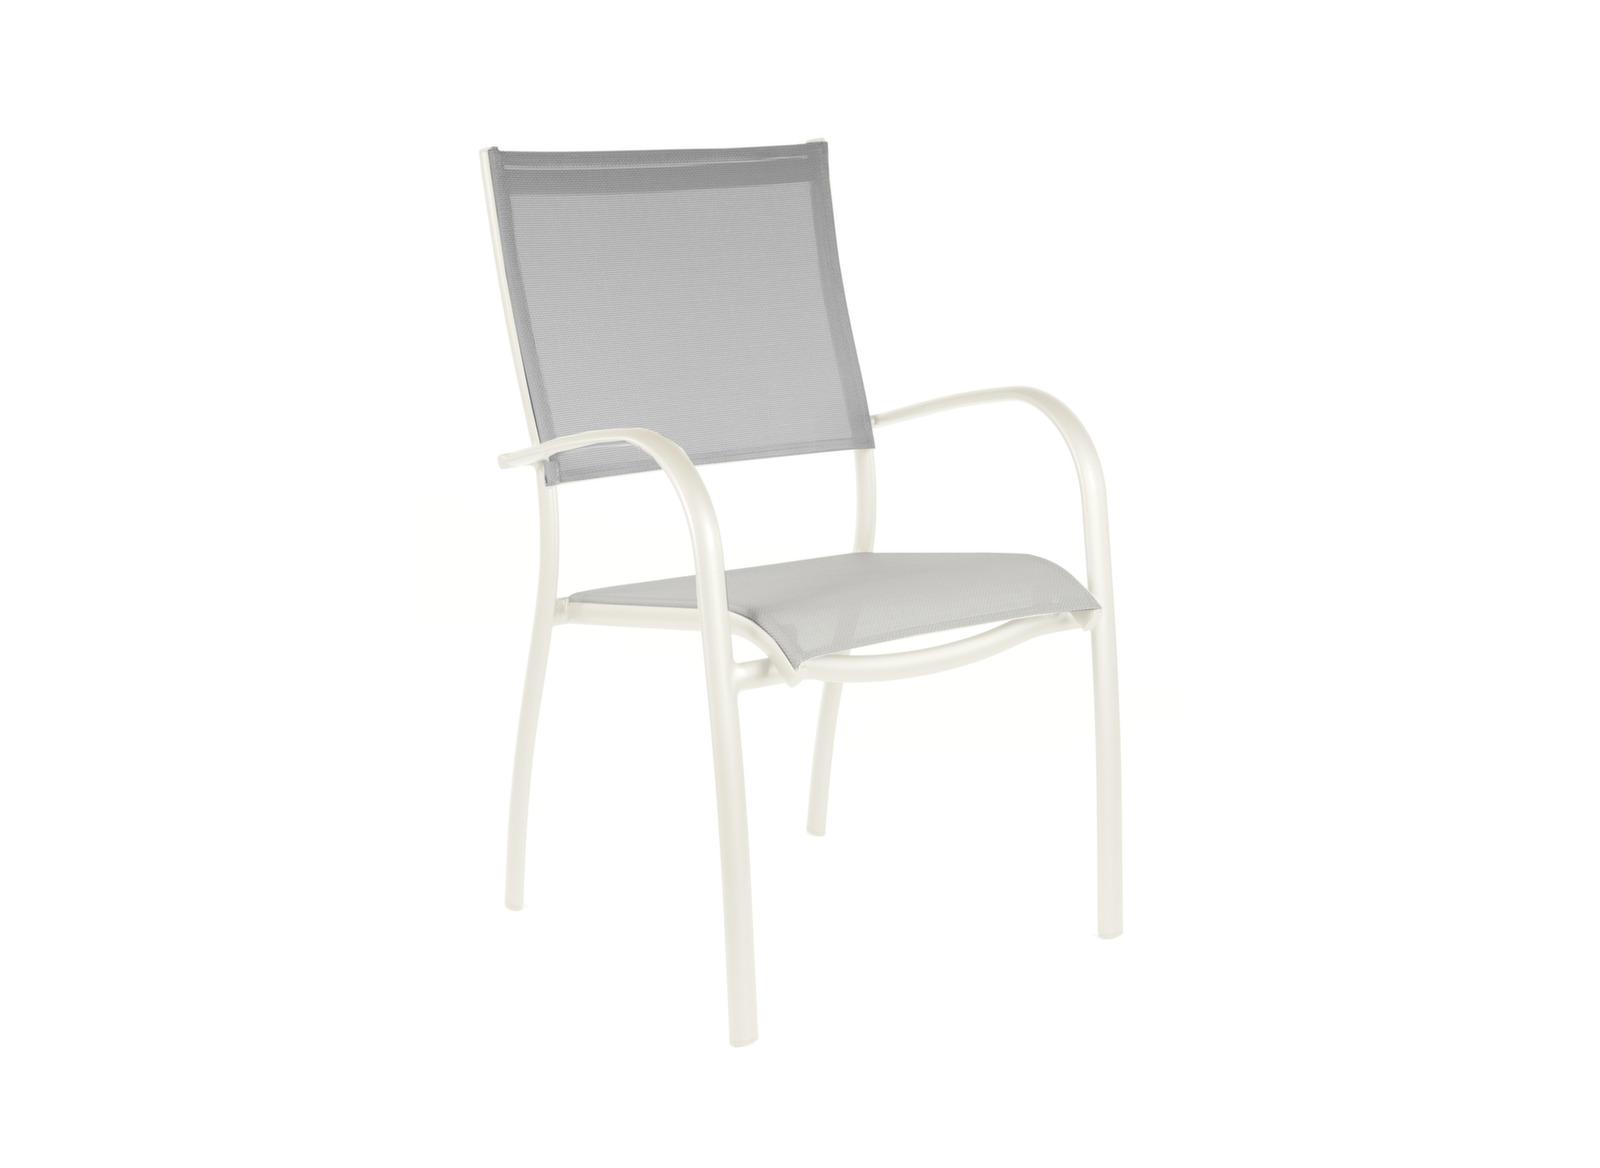 Fauteuil monobloc elegance blanc s souris soldes meubles for Mobilier soldes